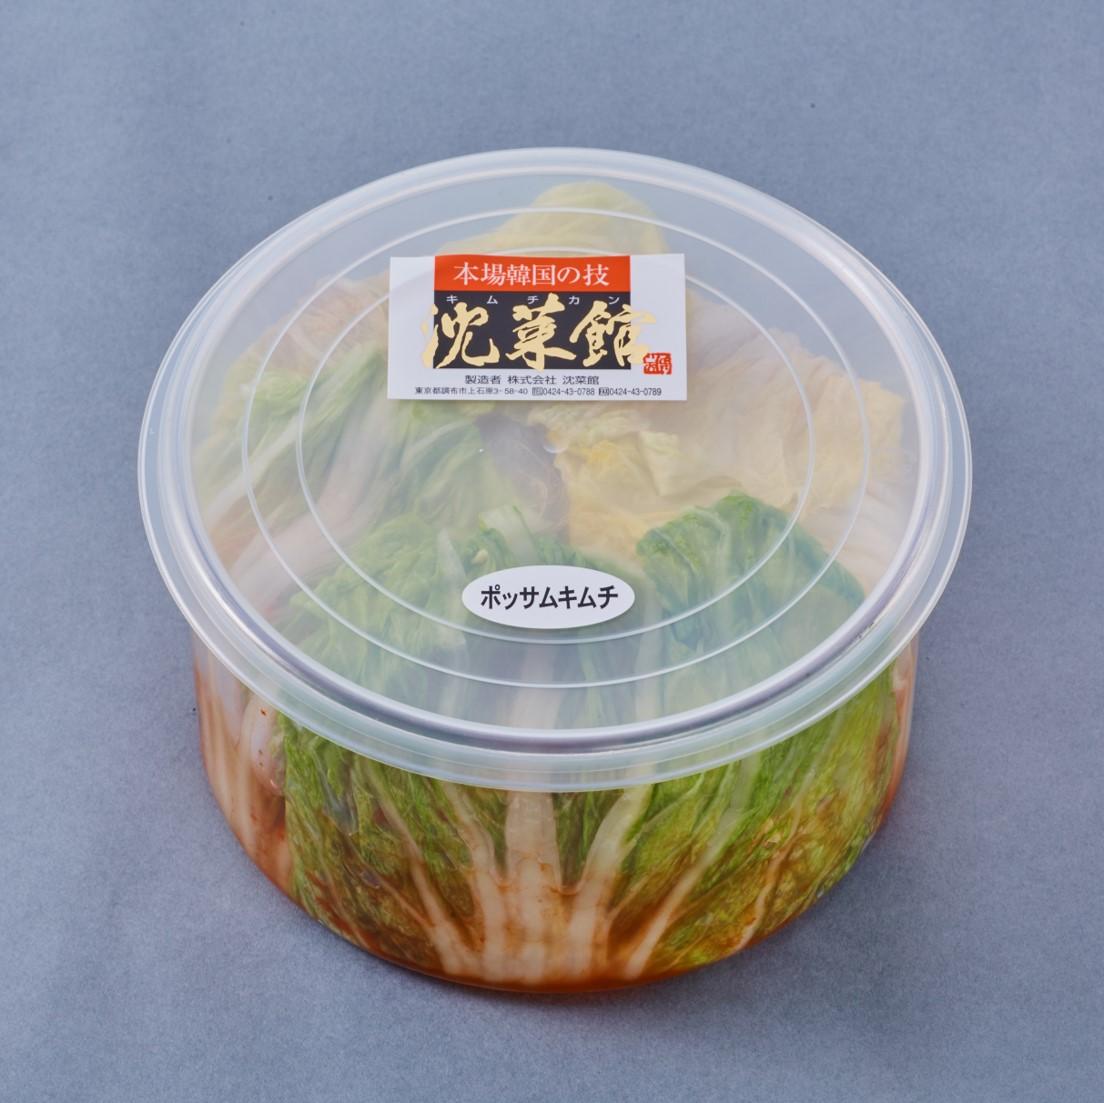 【期間限定】7種の海鮮ポッサムキムチ 850g